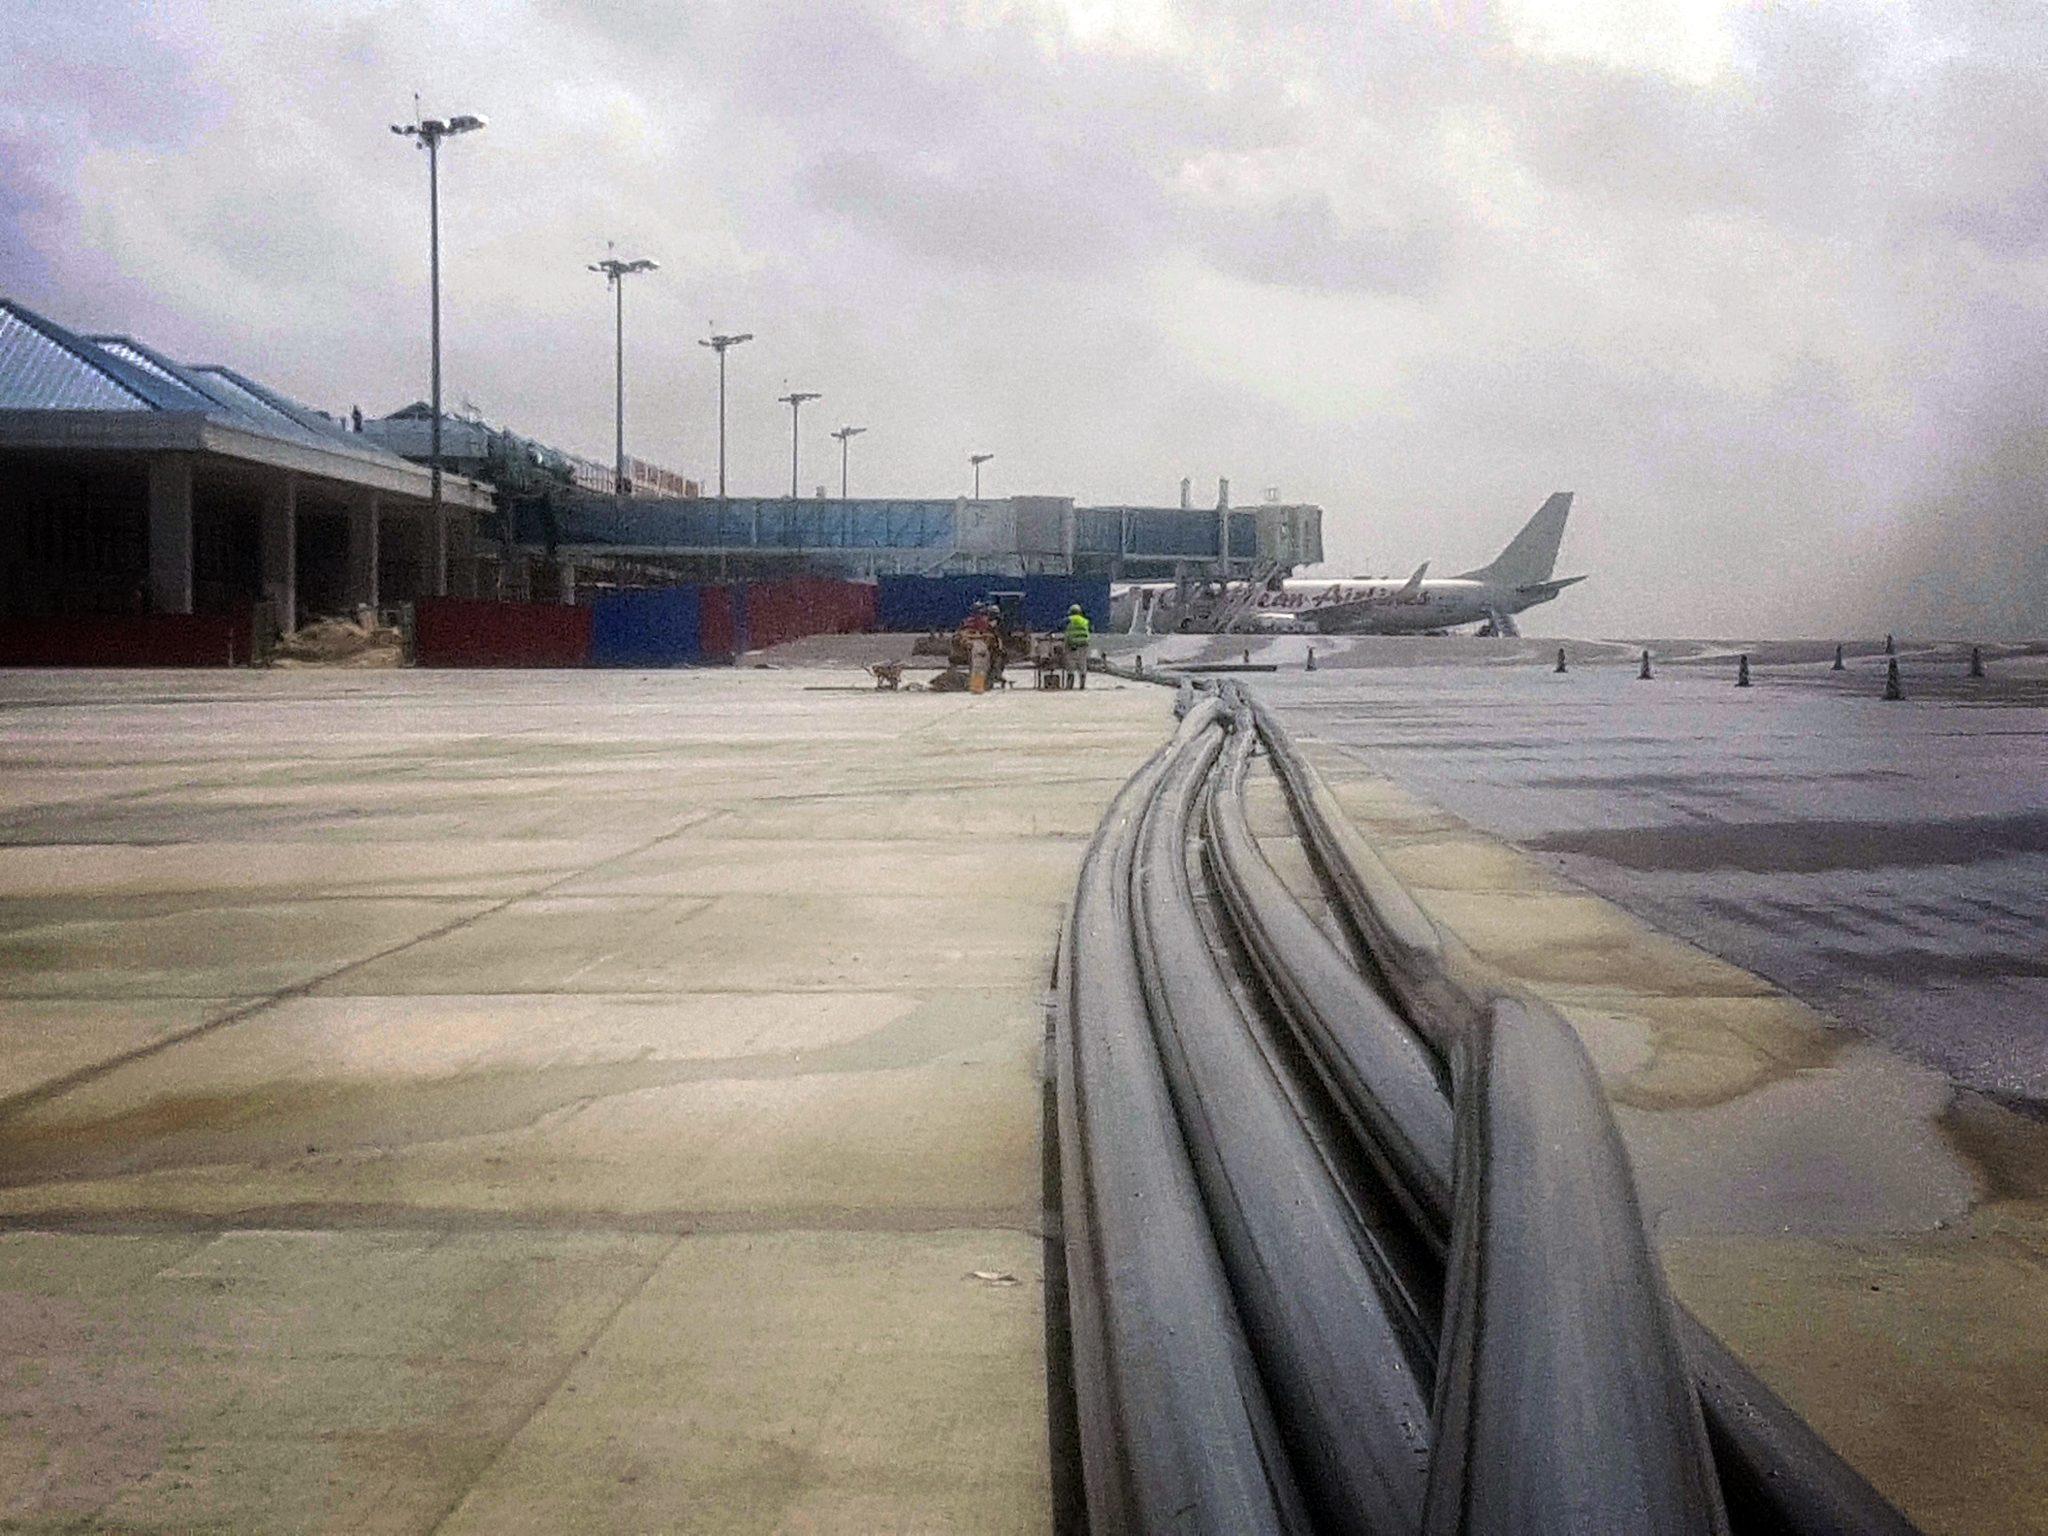 Pexgol Guyana Airport